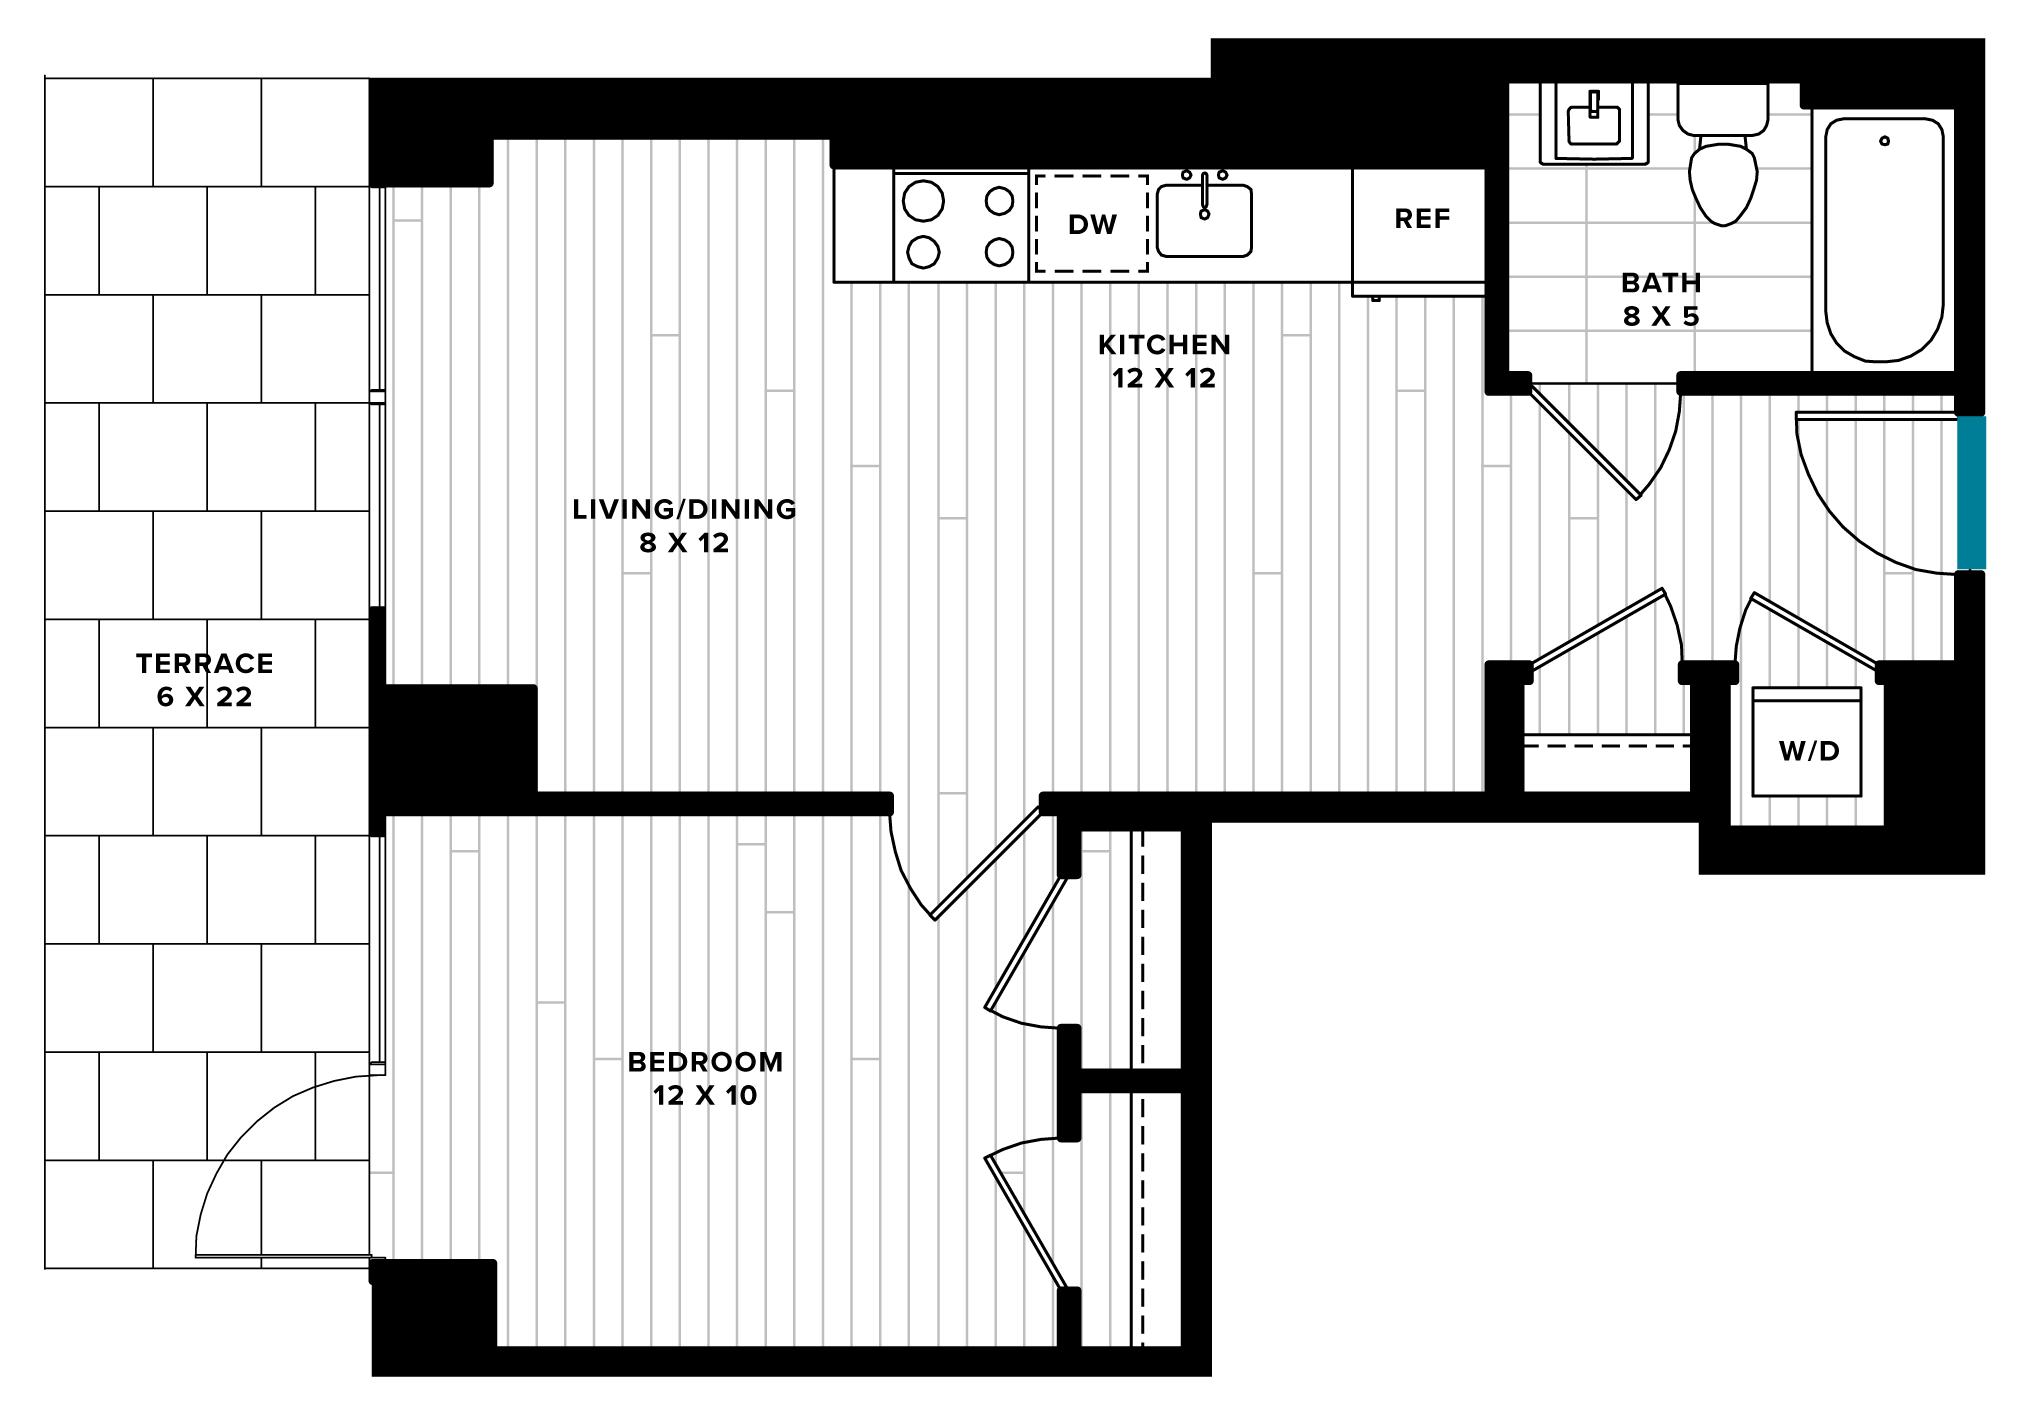 floorplan image of unit 0311